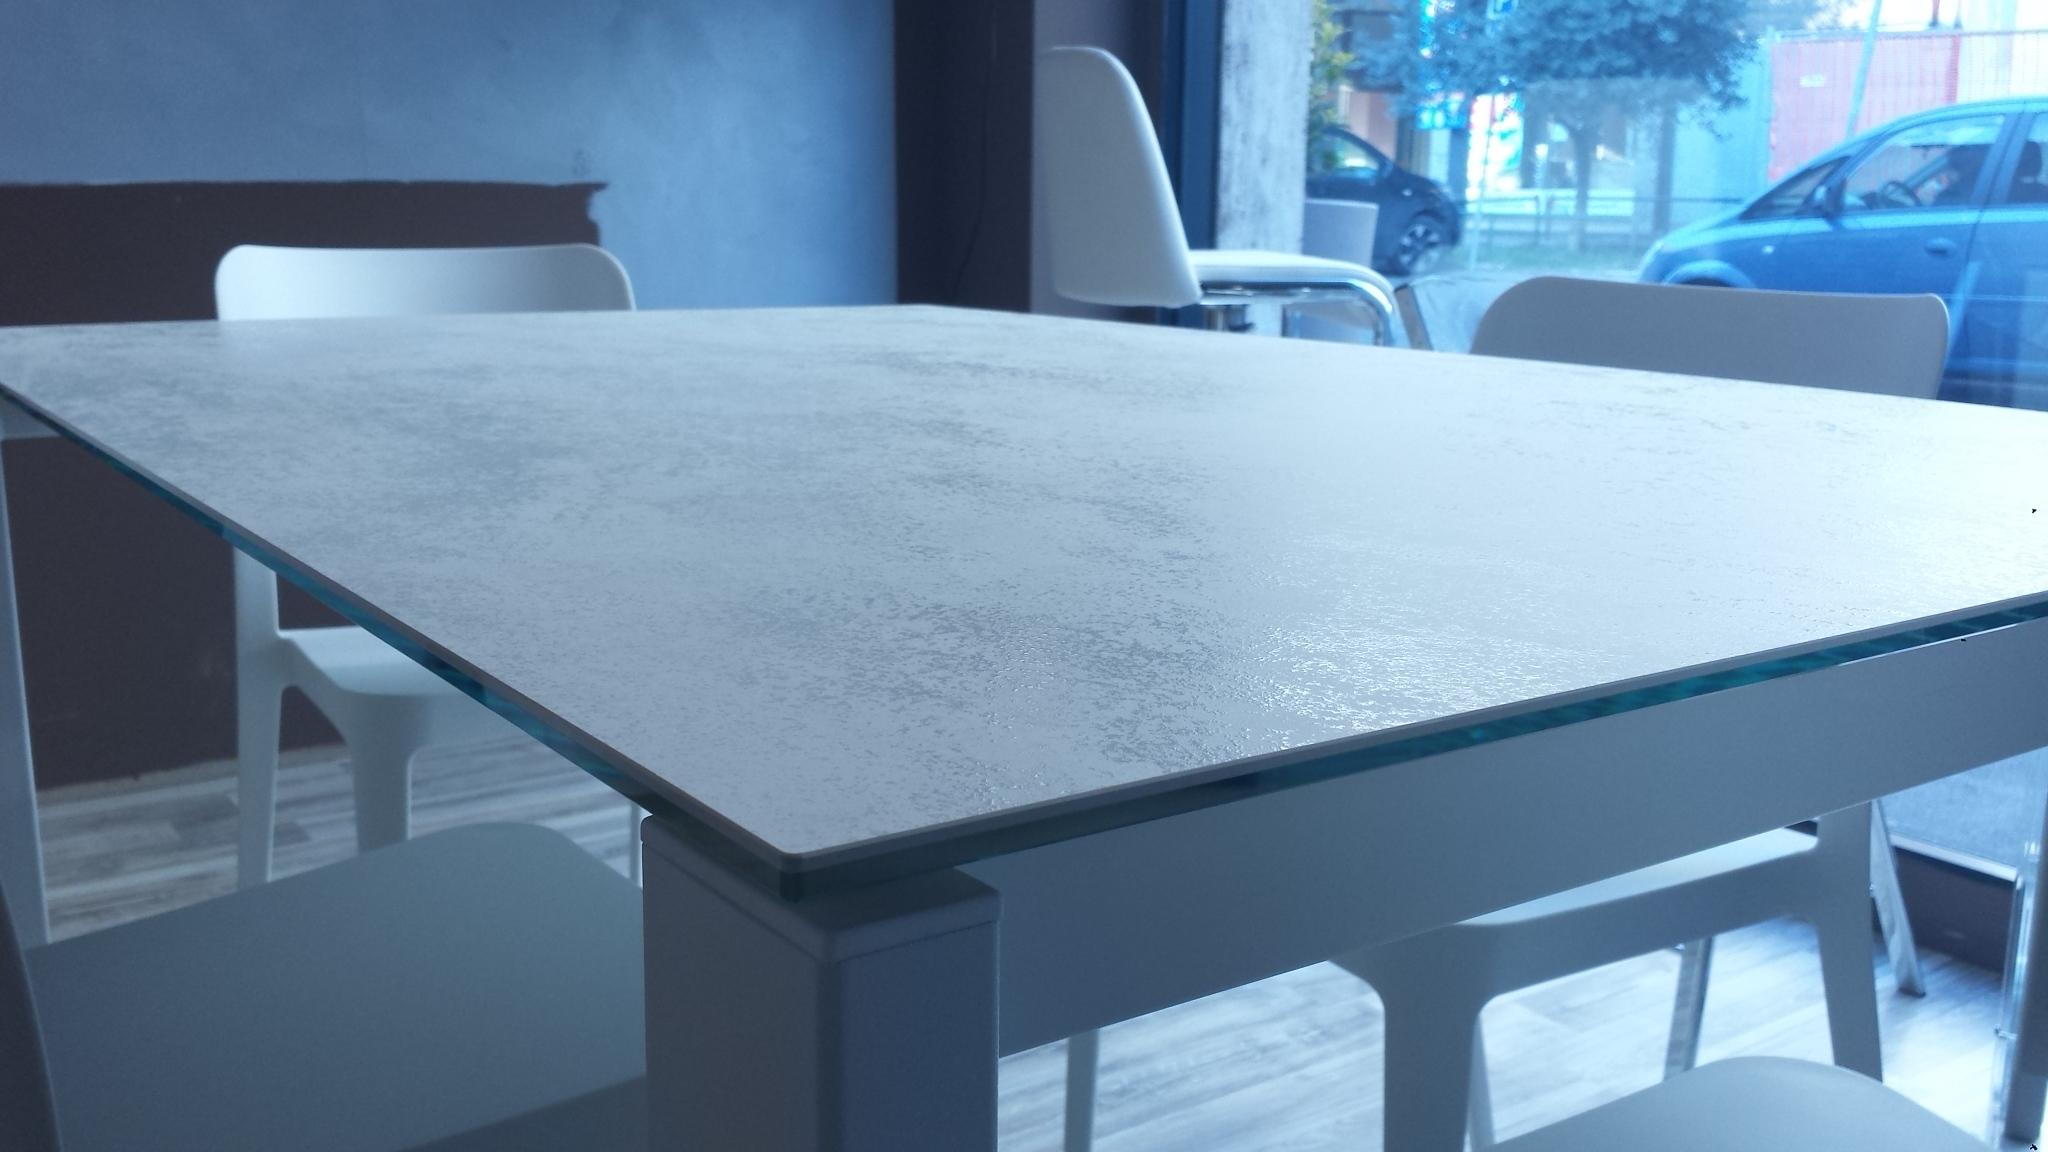 Tavolo allungabile vetro bond midj idee per il design for Tavoli design prezzi